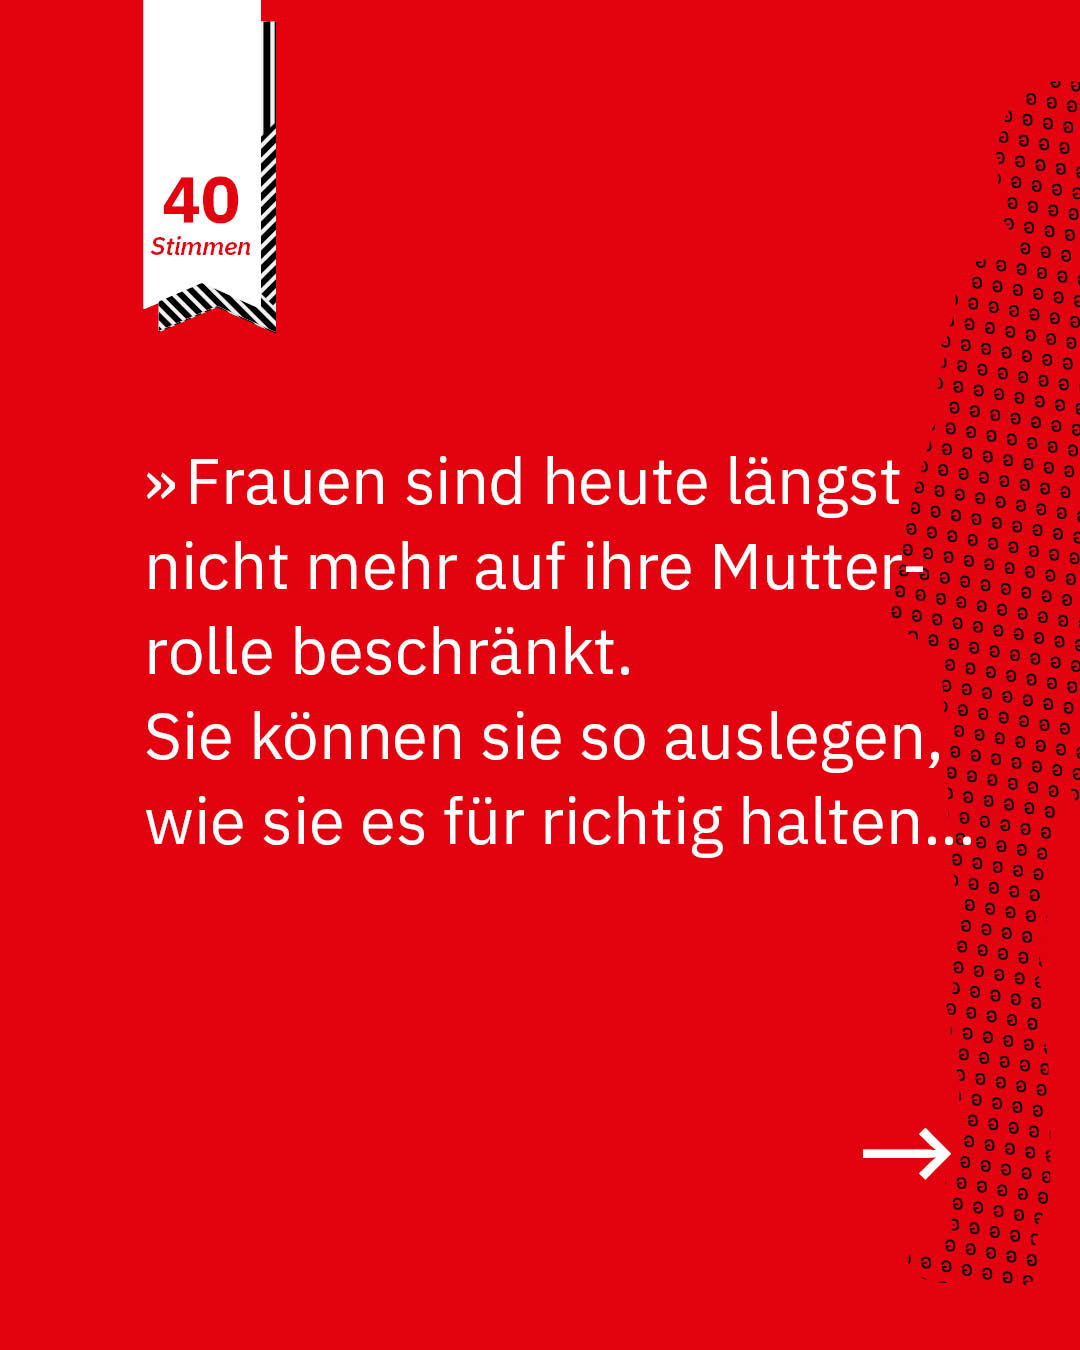 Statement 40 Jahre Gleichberechtigung, Christa Brämsmann, Vorstand und langjährige Geschäftsführerin Mütterzentrum Osterholz Tenever e. V.